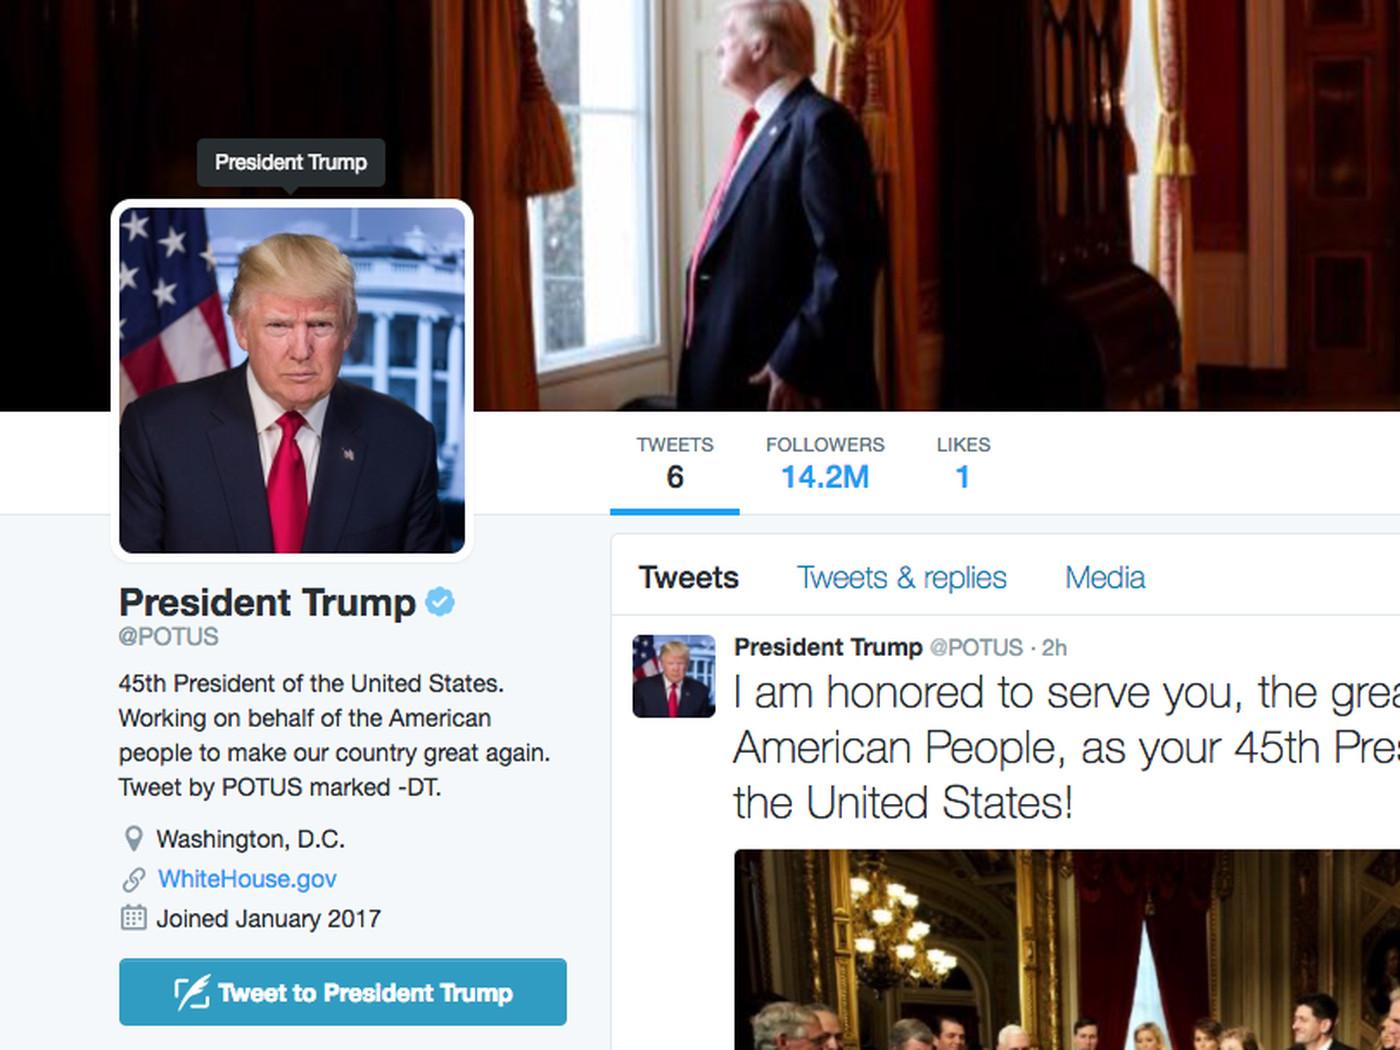 En enero de 2021 la cuenta de @POTUS será para Biden / Foto: Captura Twitter